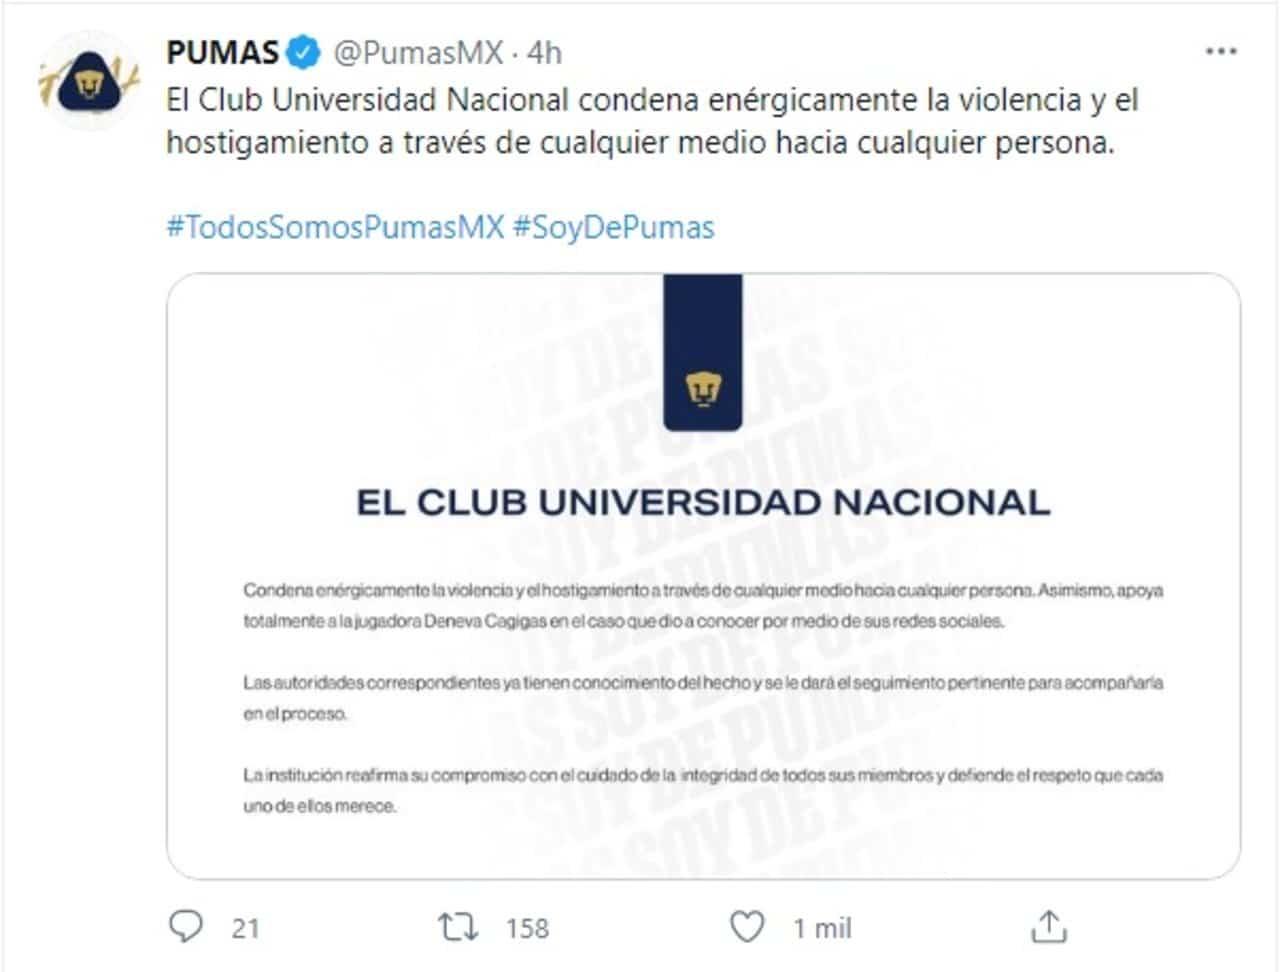 futbolista Deneva Cagigas denuncia acoso sexual redes sociales